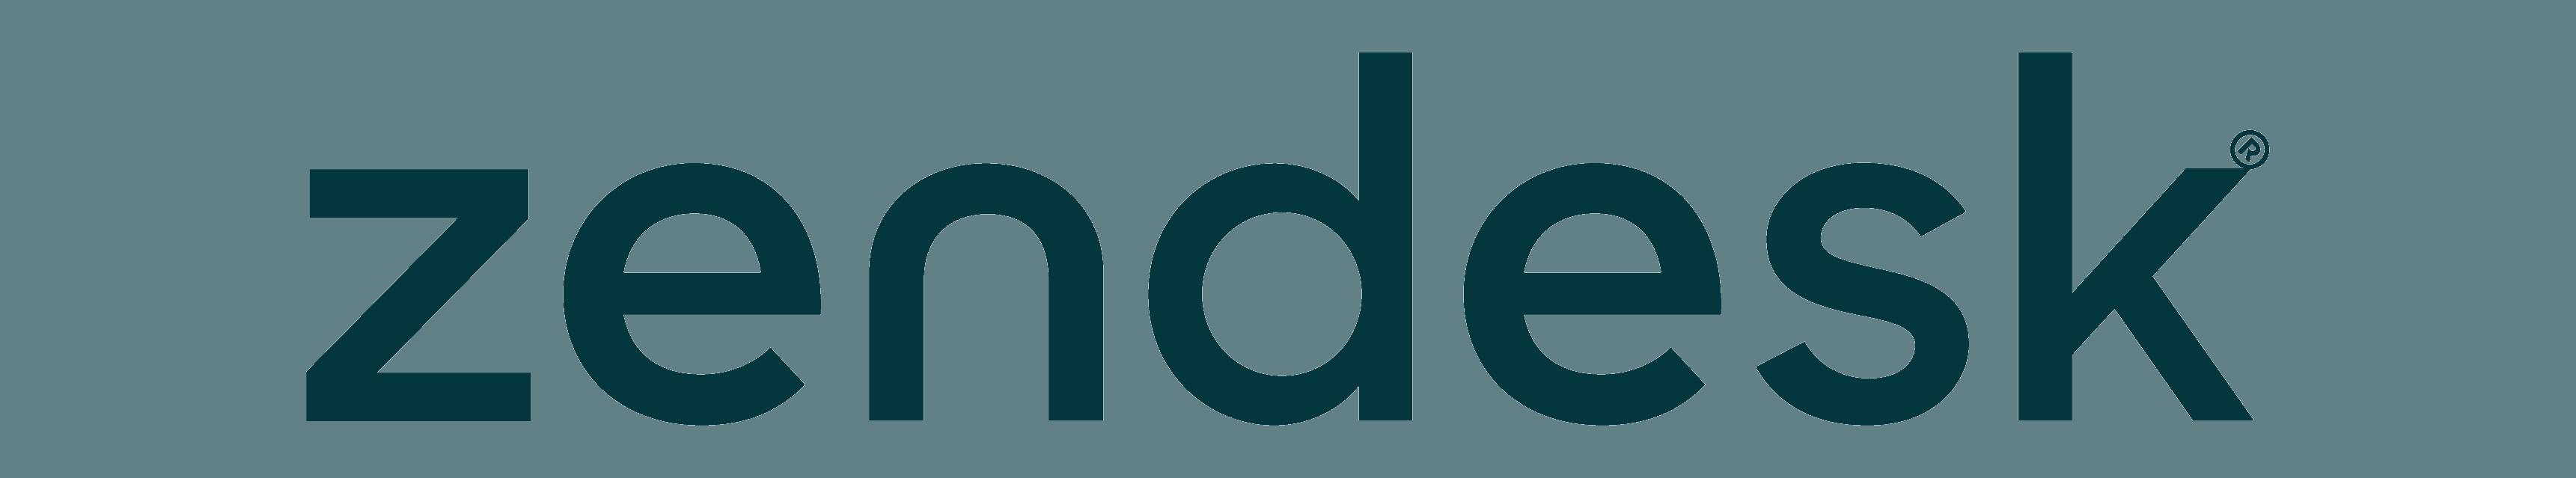 zendesk logo big